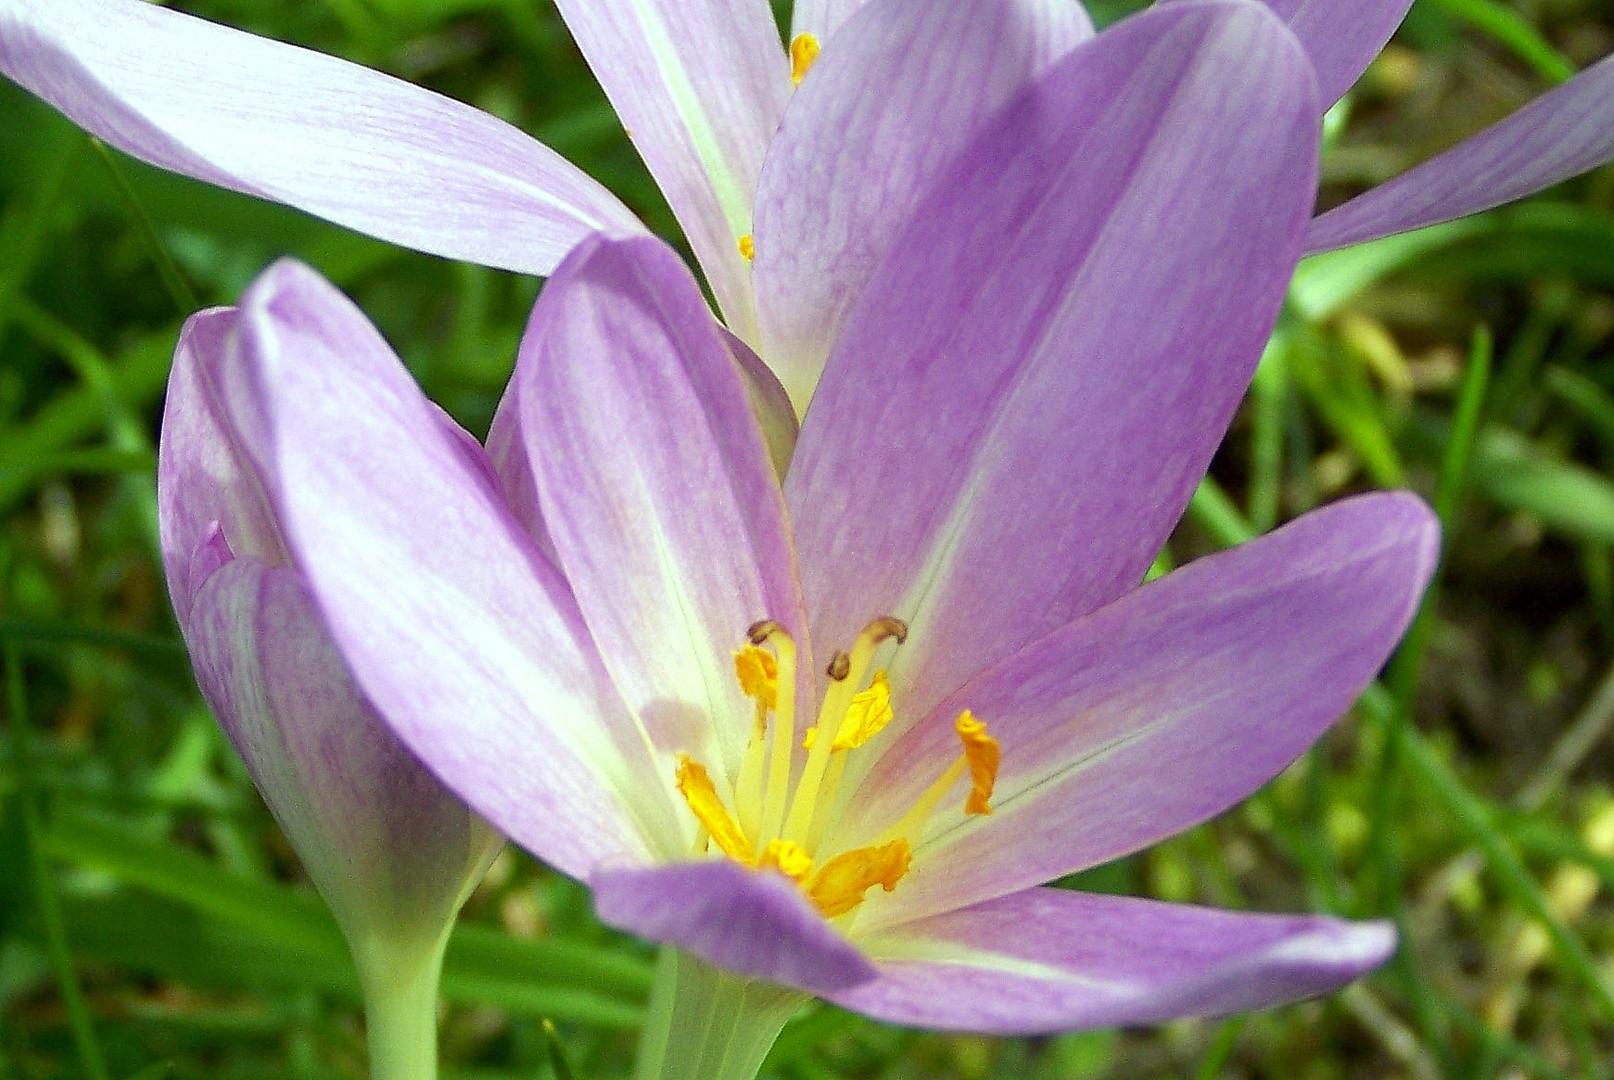 Der Blick in die Blume